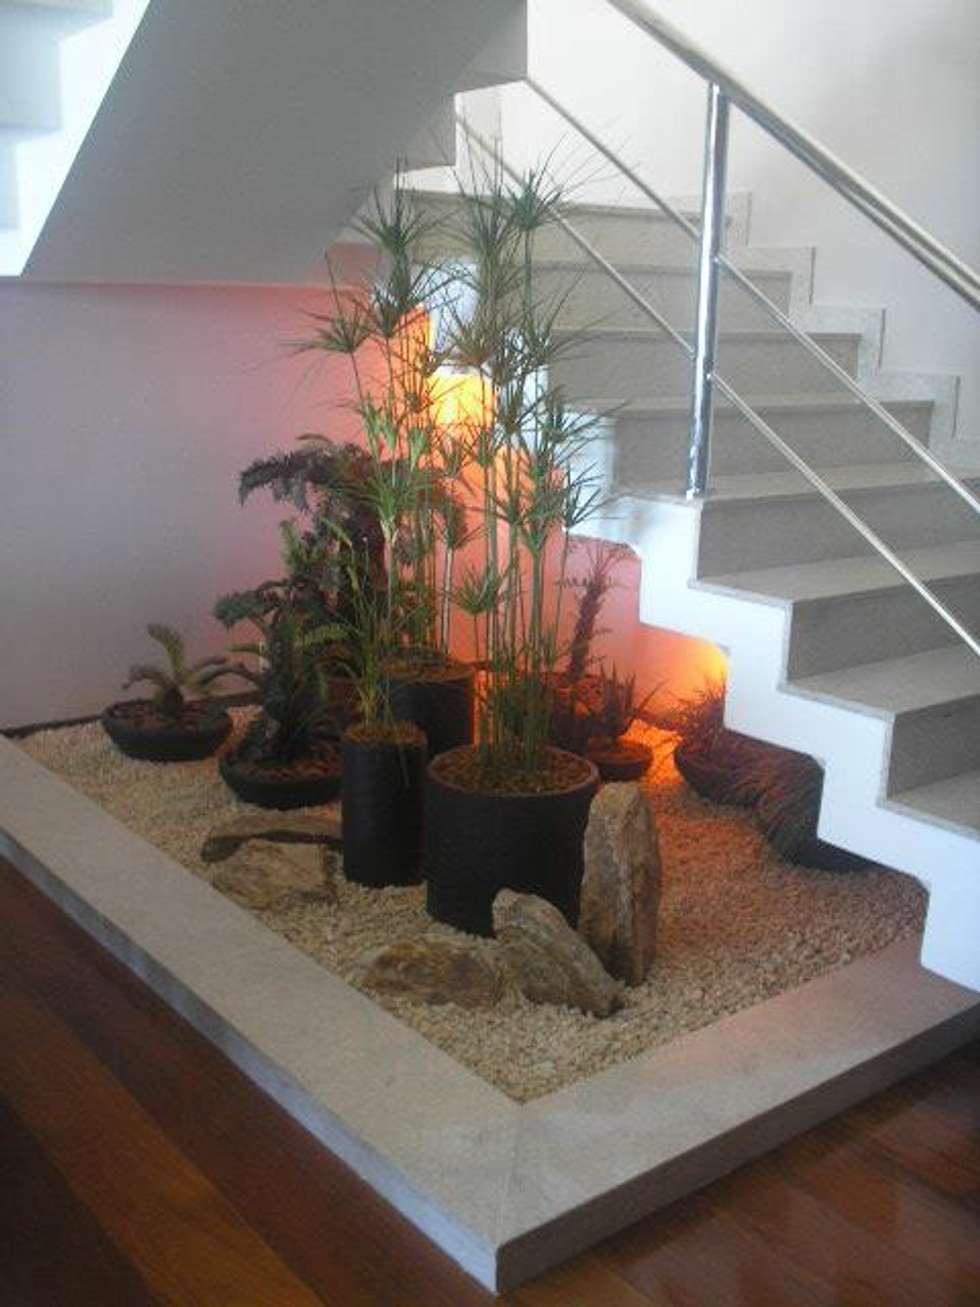 Jardin Zen Interior Jardin Zen Interior Papier Peint Moderne - Jardin-interior-zen